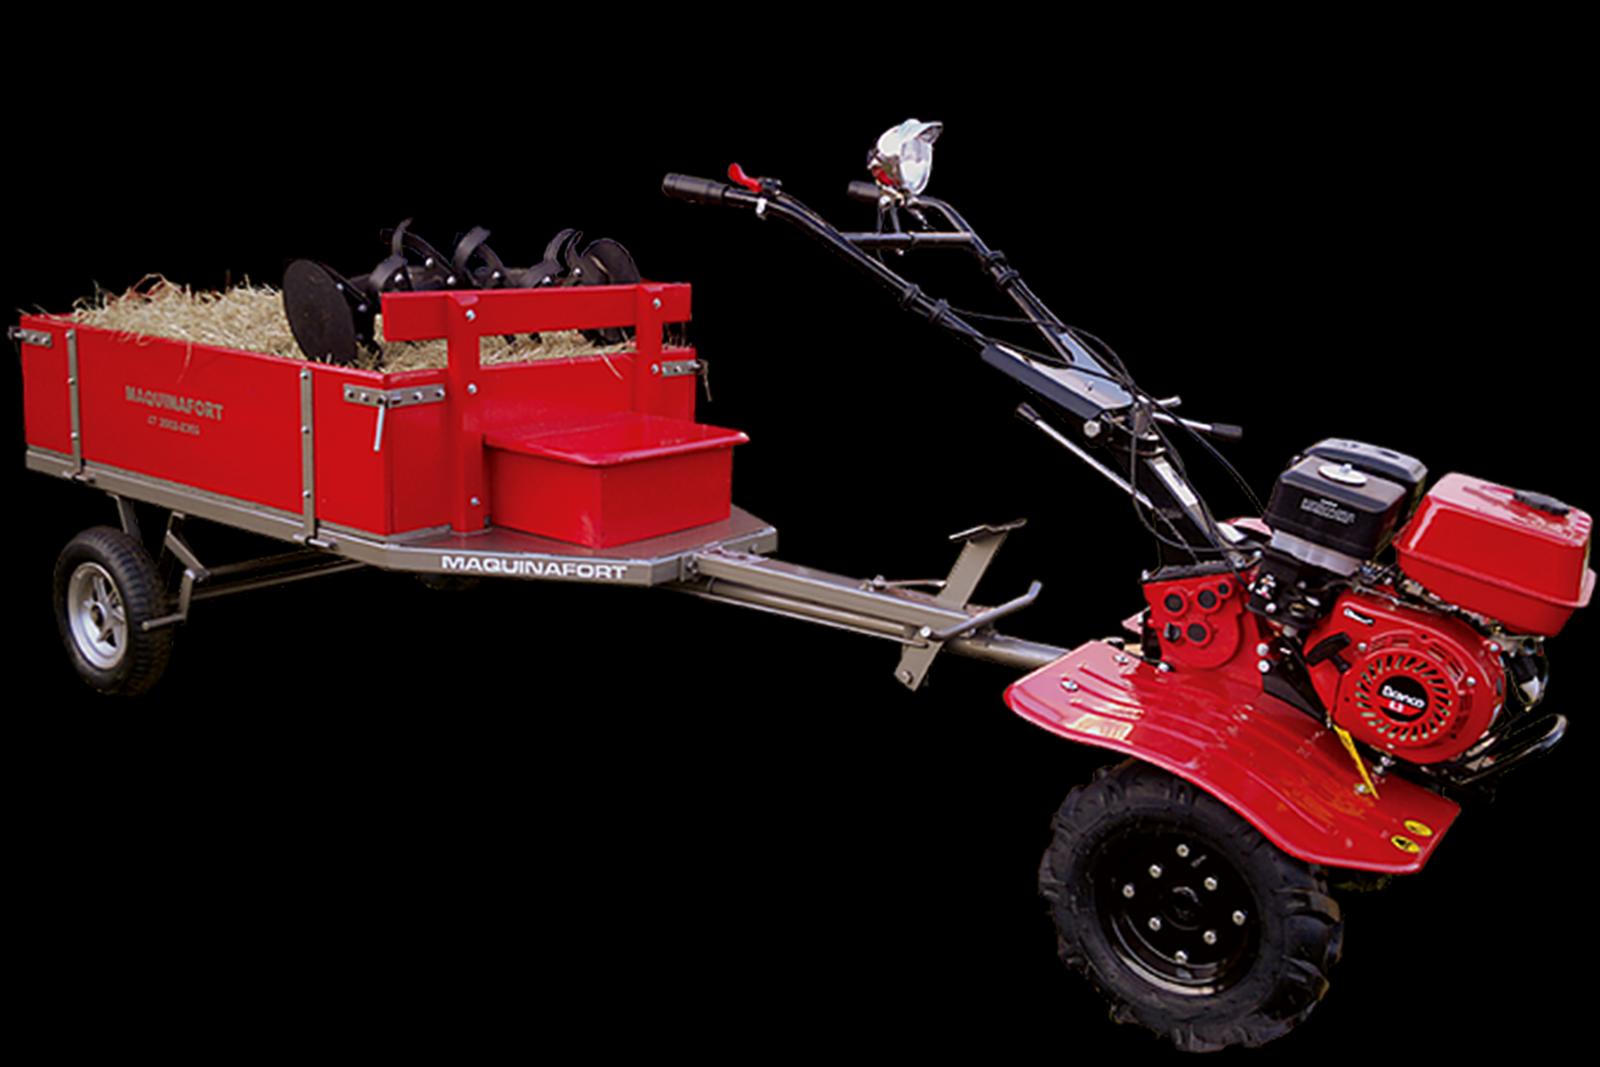 Carretinha Agrícola Para Motocultivador Tratorito Trator - Im6 - Ferramentas MEP